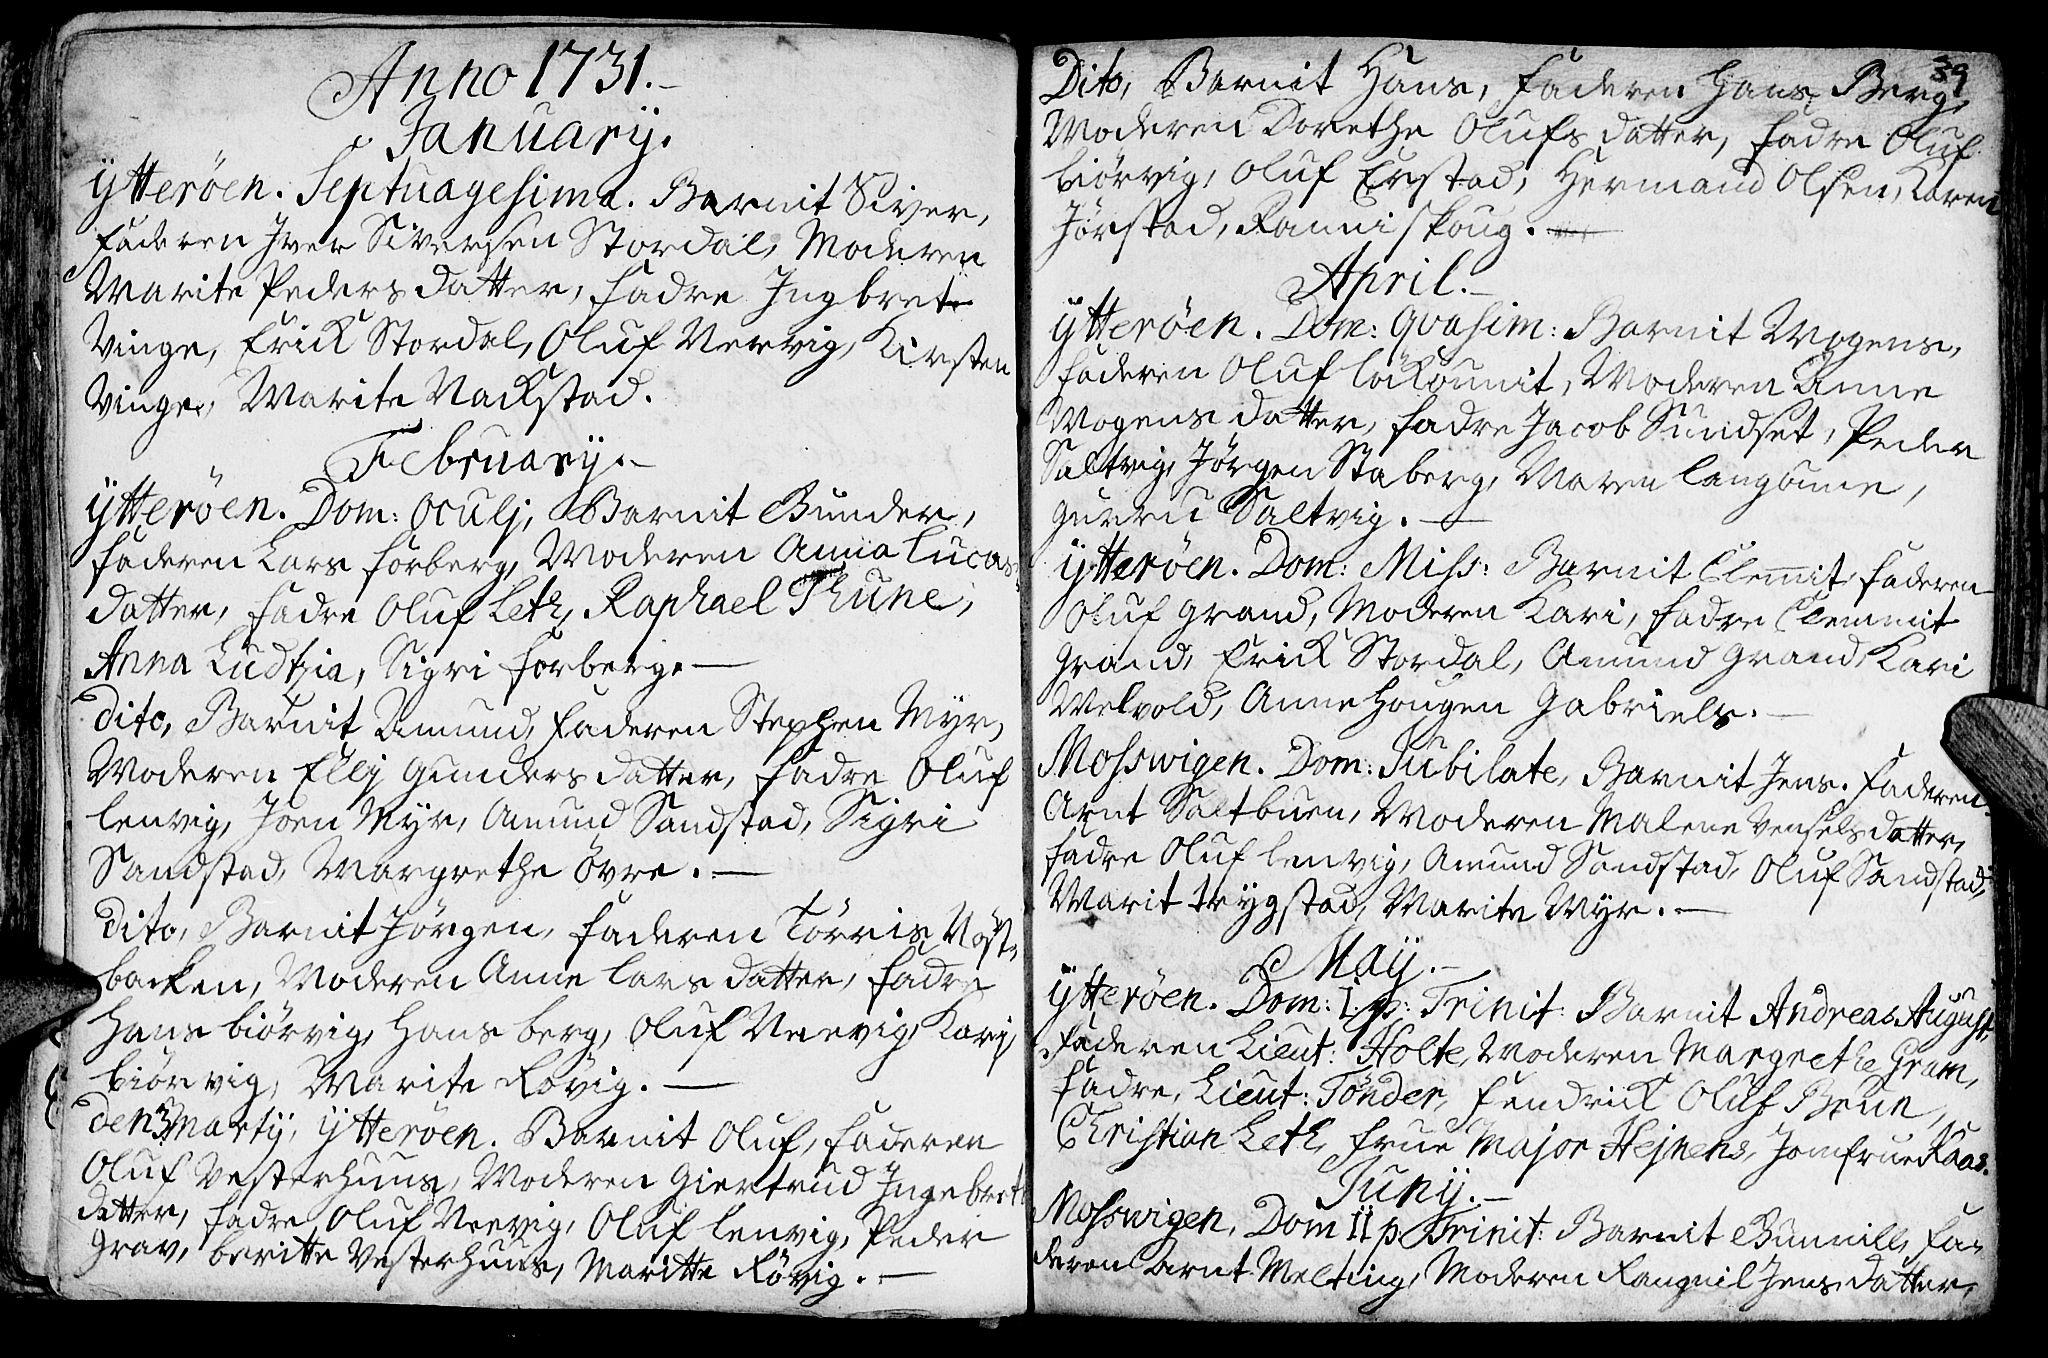 SAT, Ministerialprotokoller, klokkerbøker og fødselsregistre - Nord-Trøndelag, 722/L0215: Ministerialbok nr. 722A02, 1718-1755, s. 39